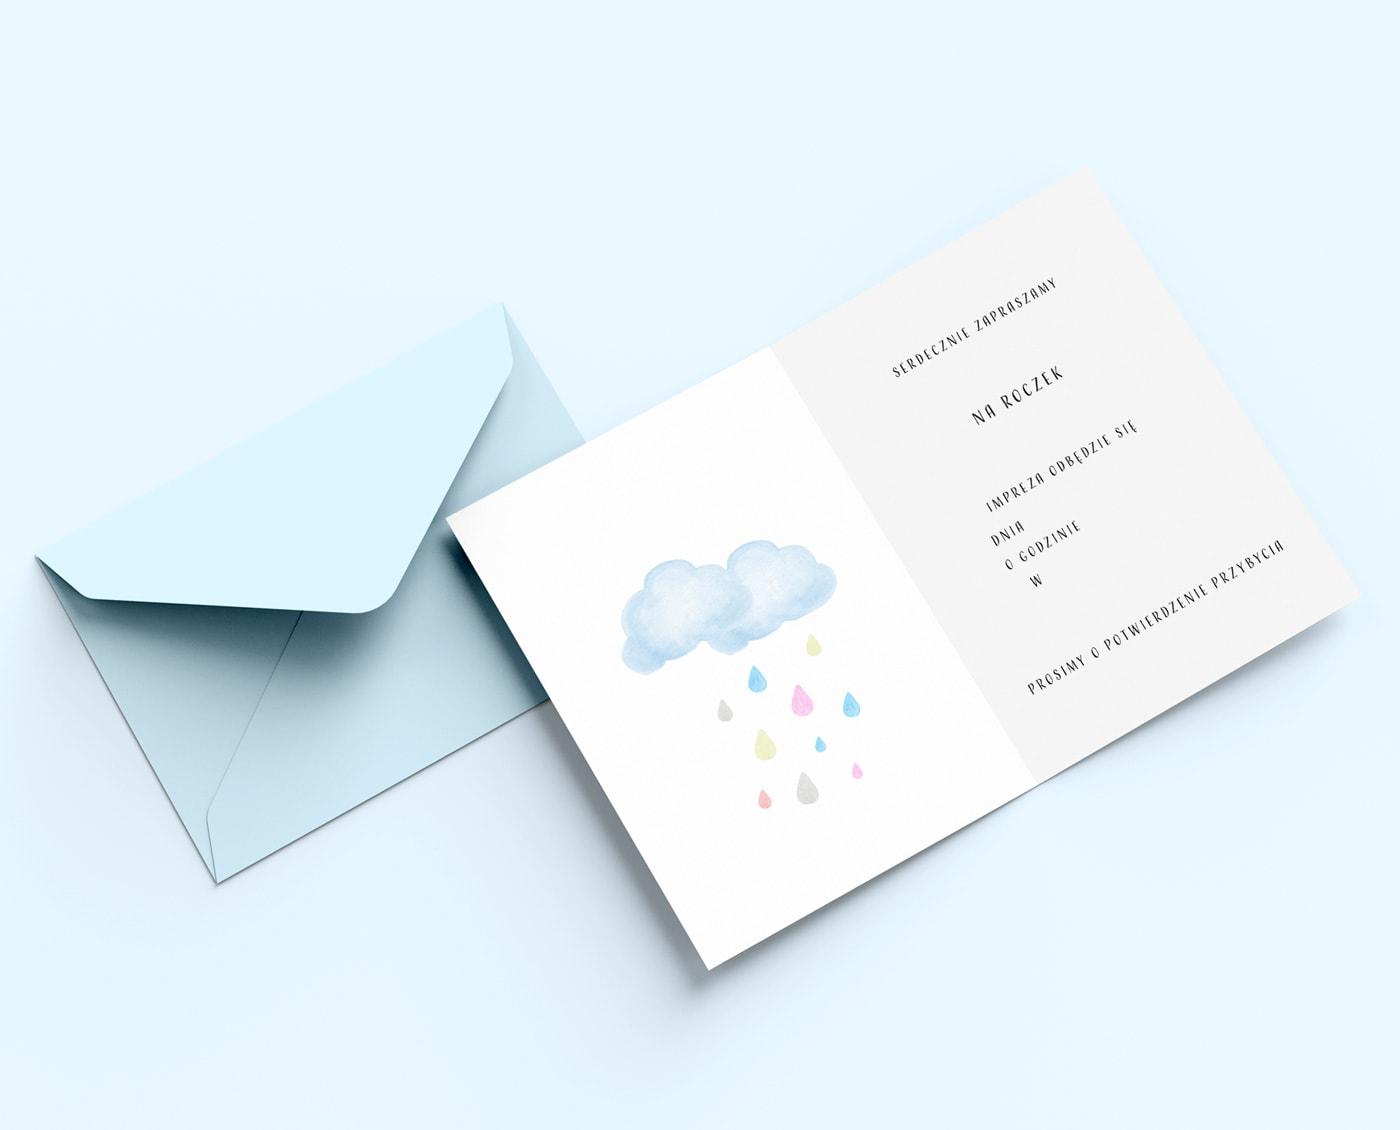 Zaproszenia na urodziny z uśmiechniętą chmurką